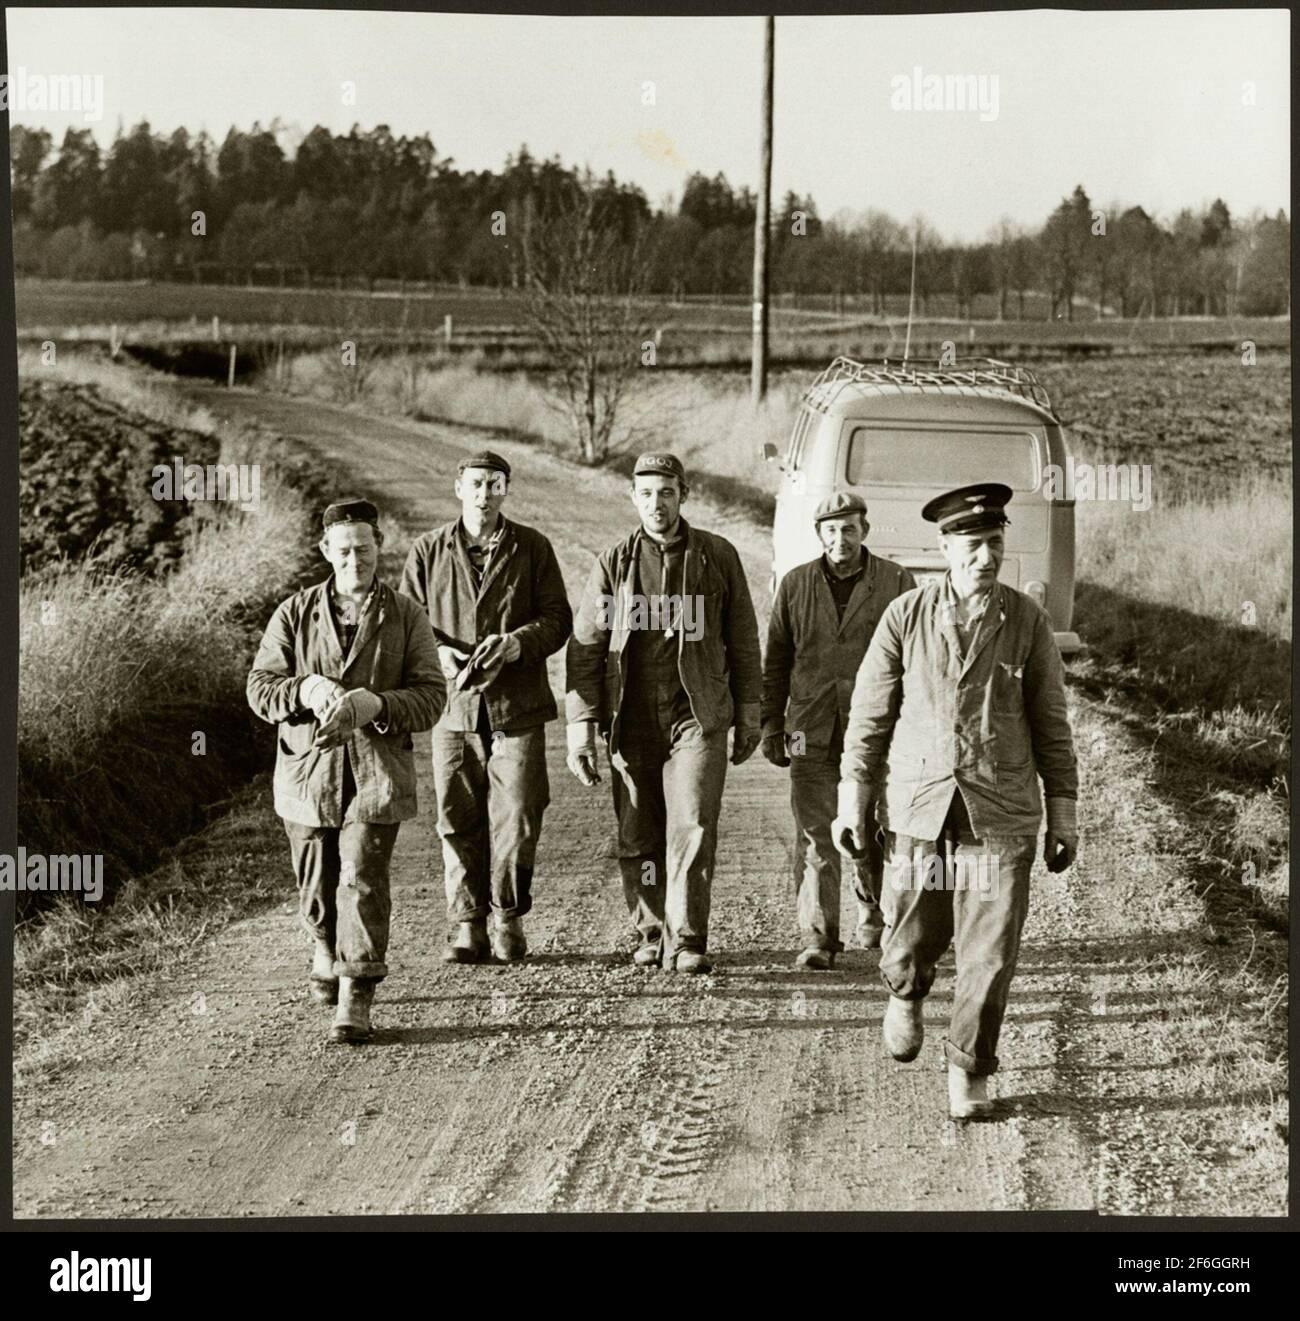 El personal se dirige a la carretera de tierra en el trabajo de mantenimiento de la ruta entre Harsjön y Bälgviken en 1967. Foto de stock